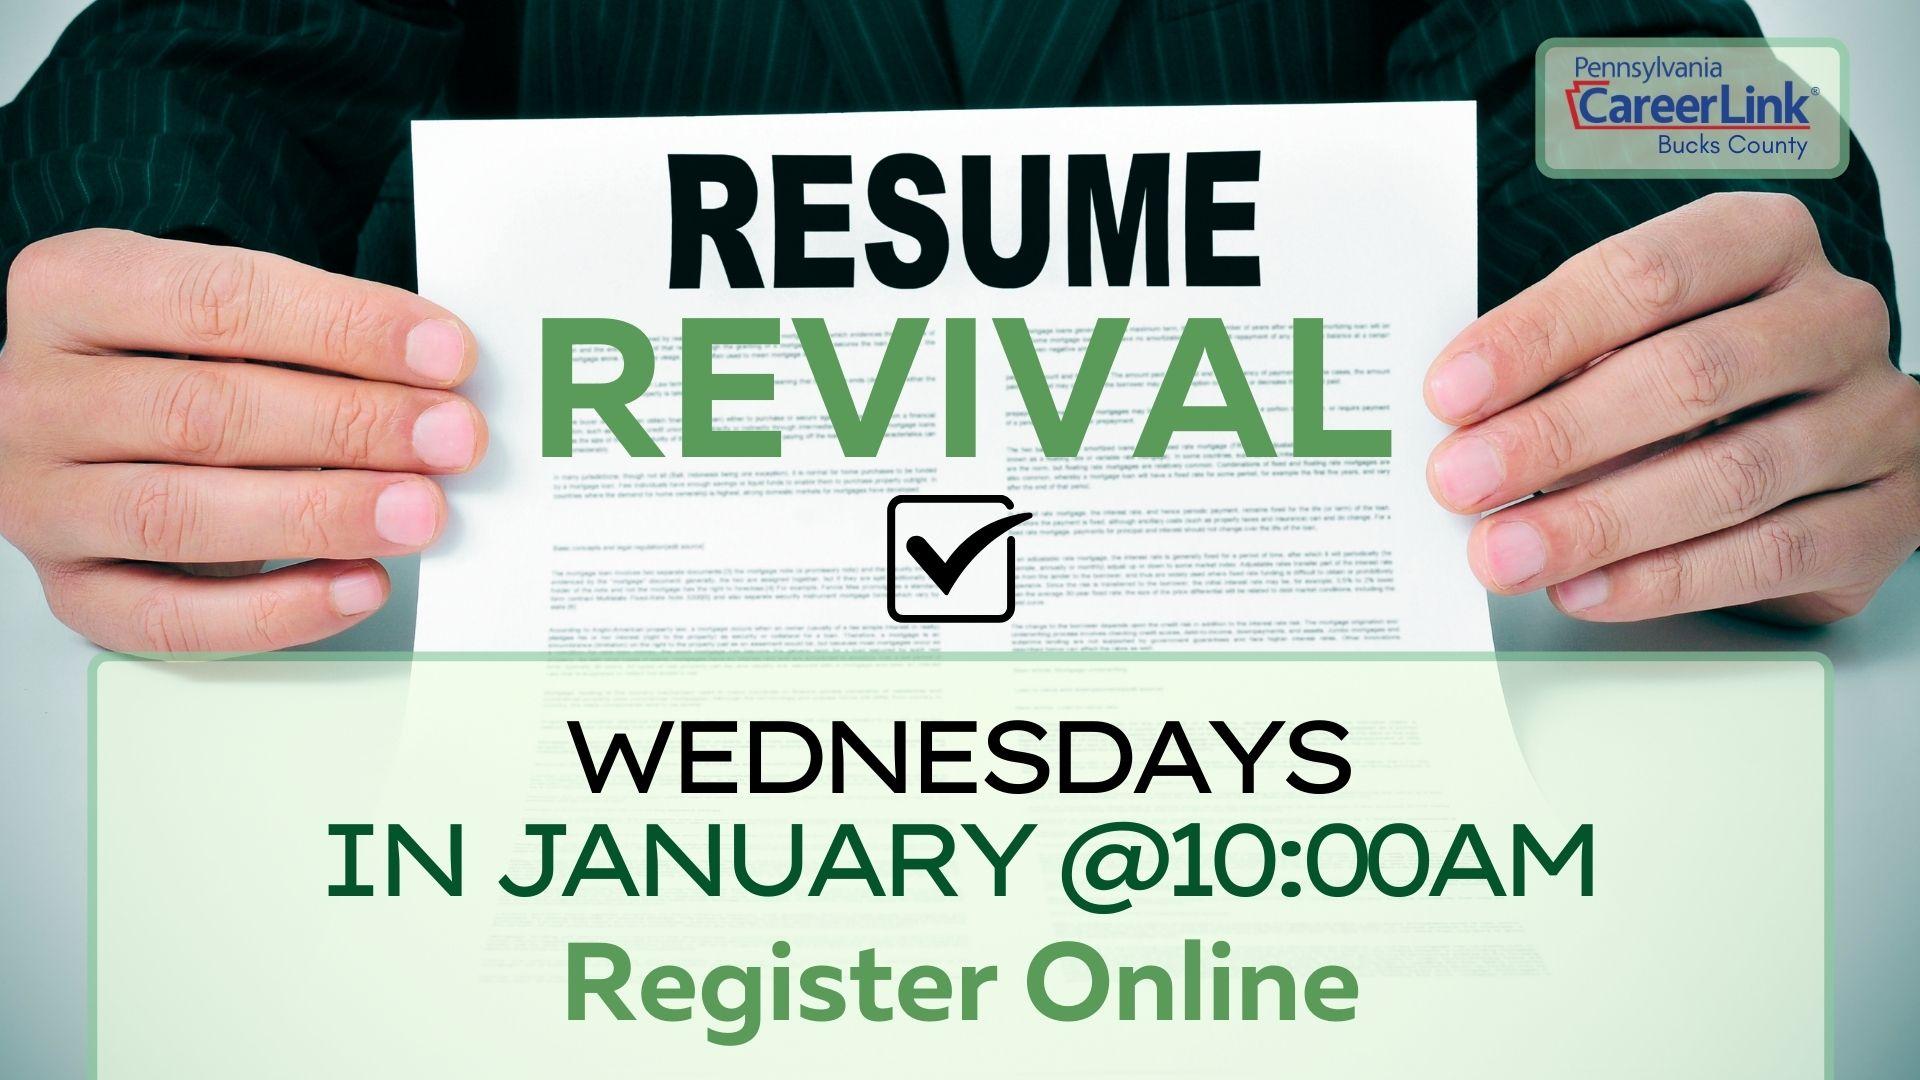 PA CareerLink: Virtual Resume Revival